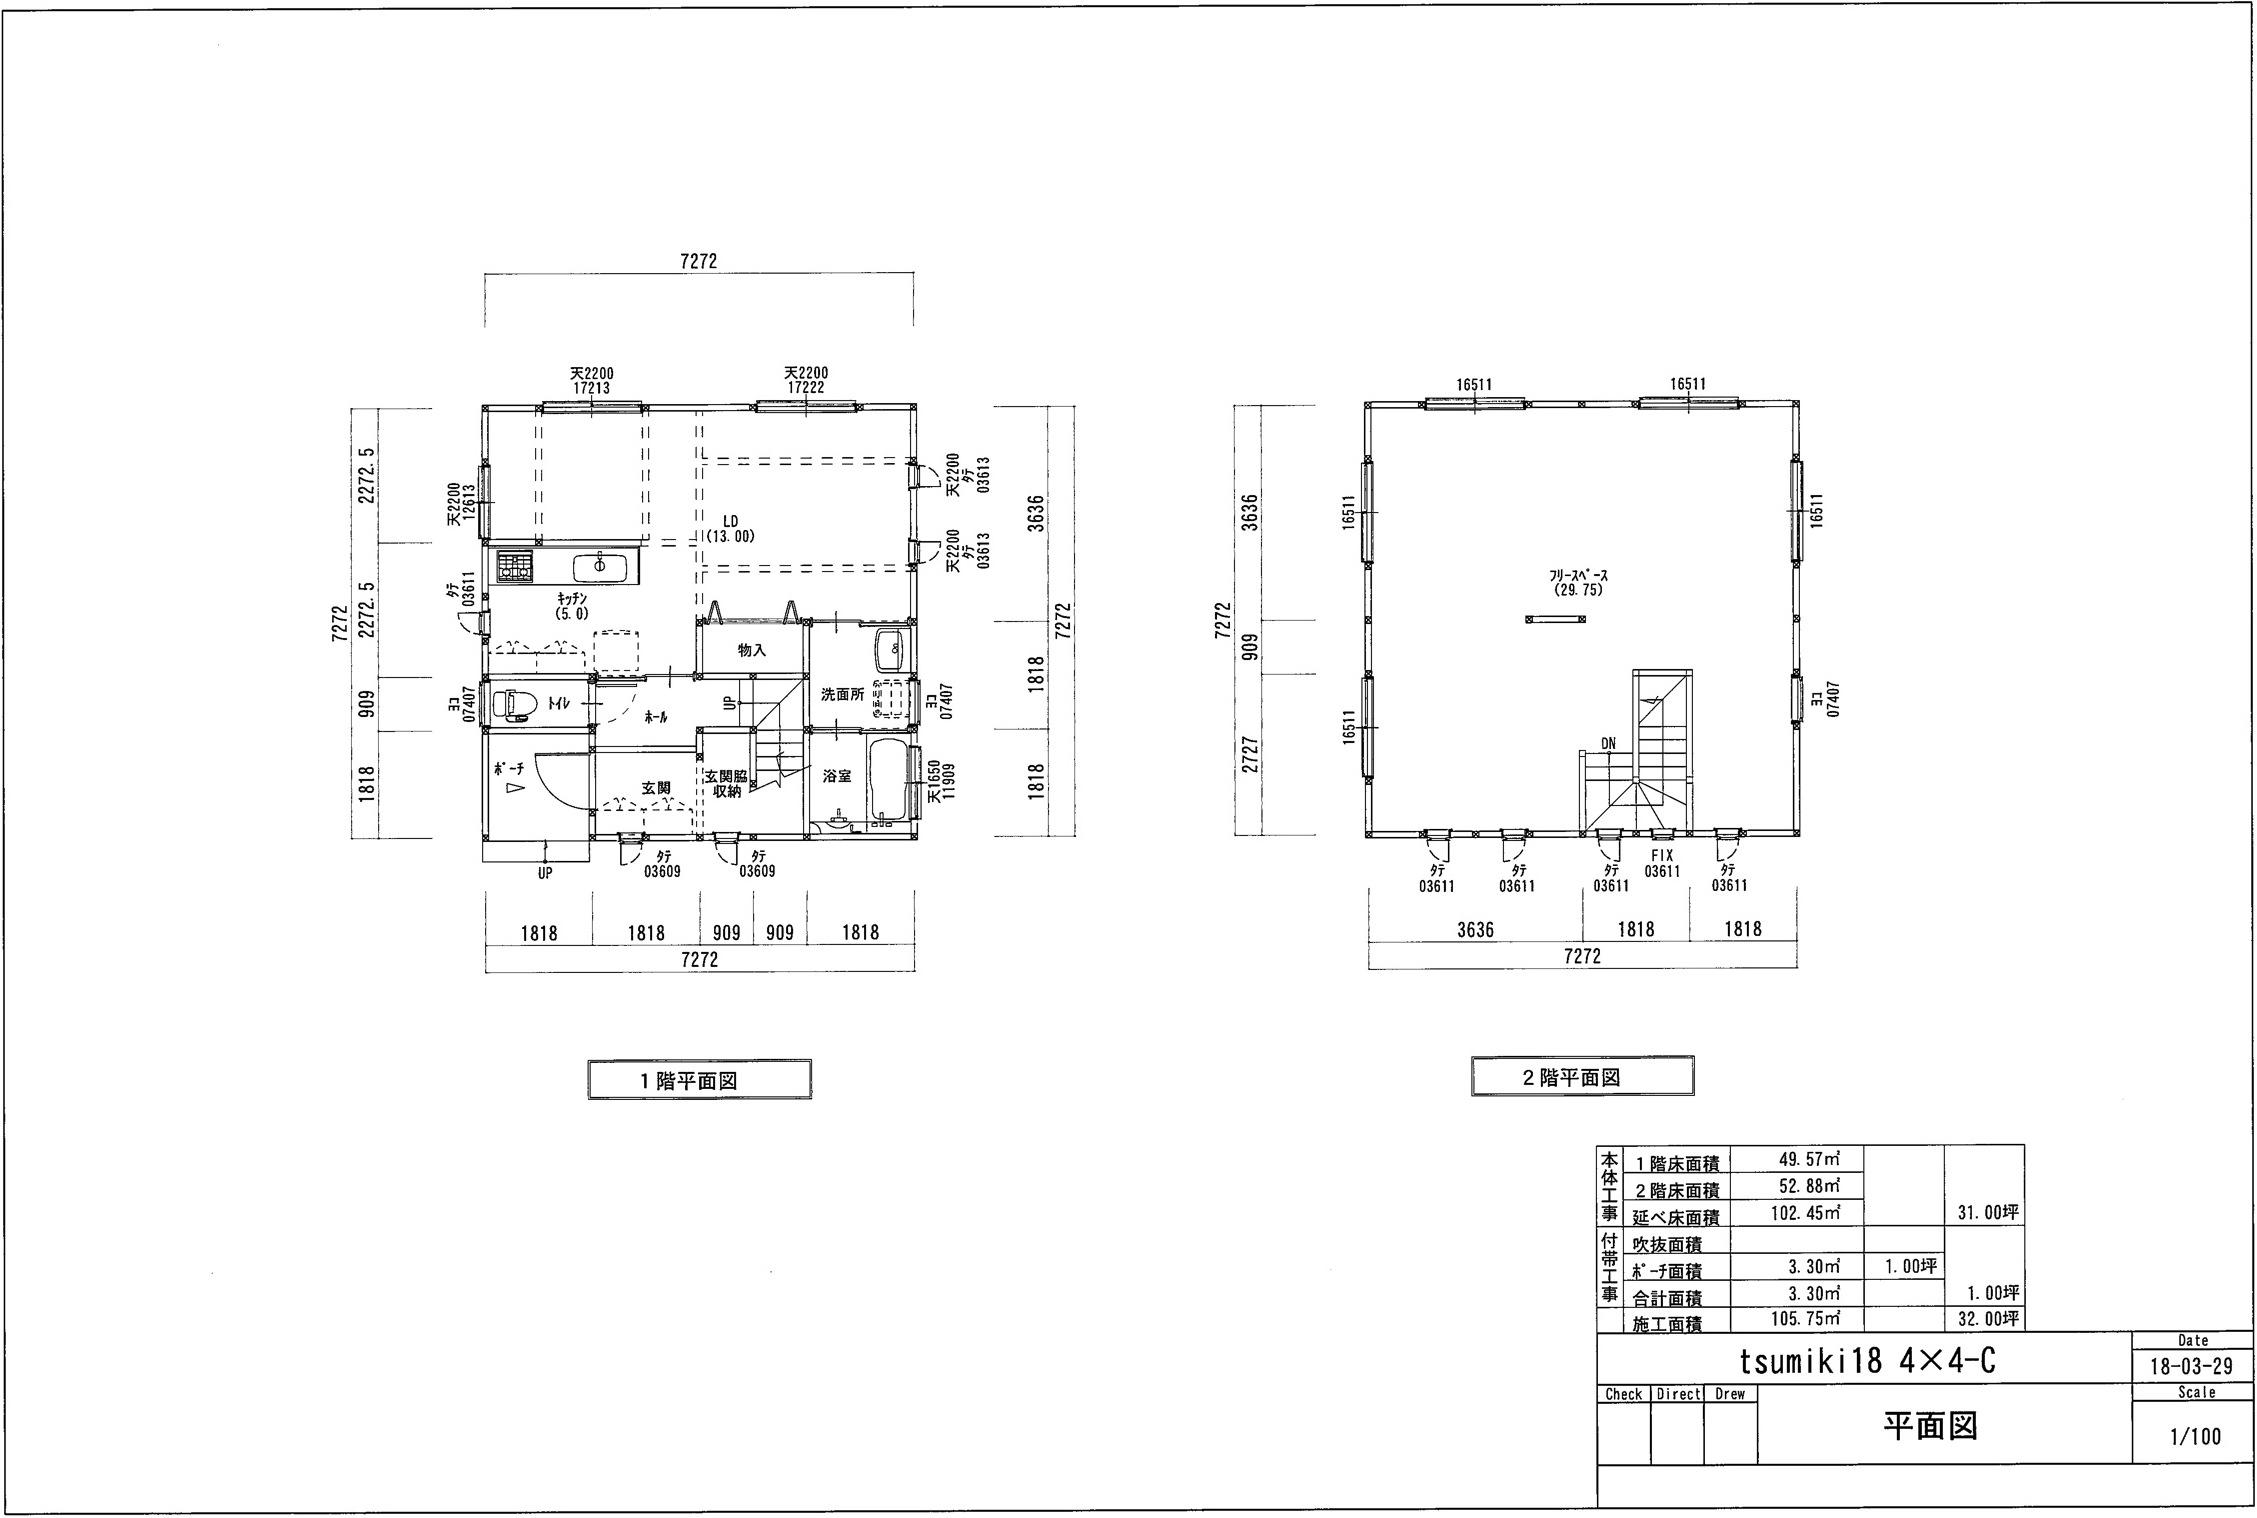 tsumiki 31坪(4×4-C)/1,685万円+税